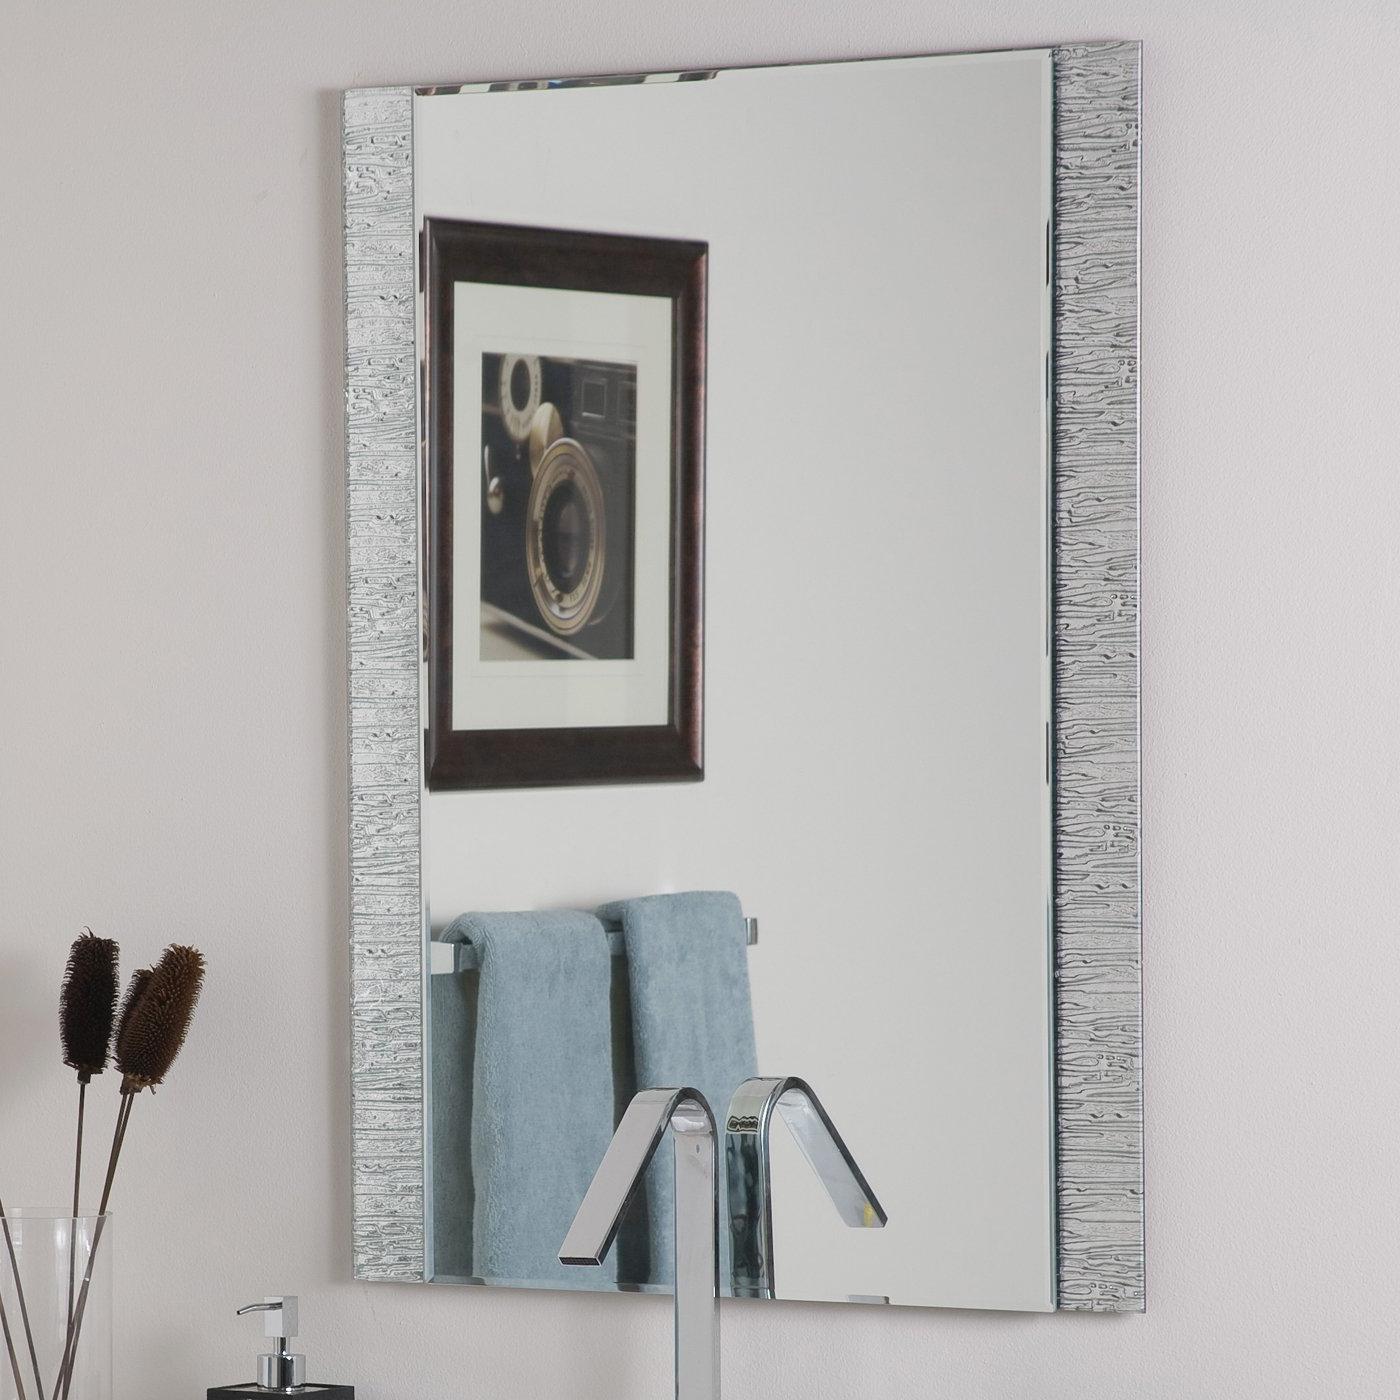 Decor Wonderland Frameless Molten Wall Mirror With Well Known Frameless Molten Wall Mirrors (View 3 of 20)